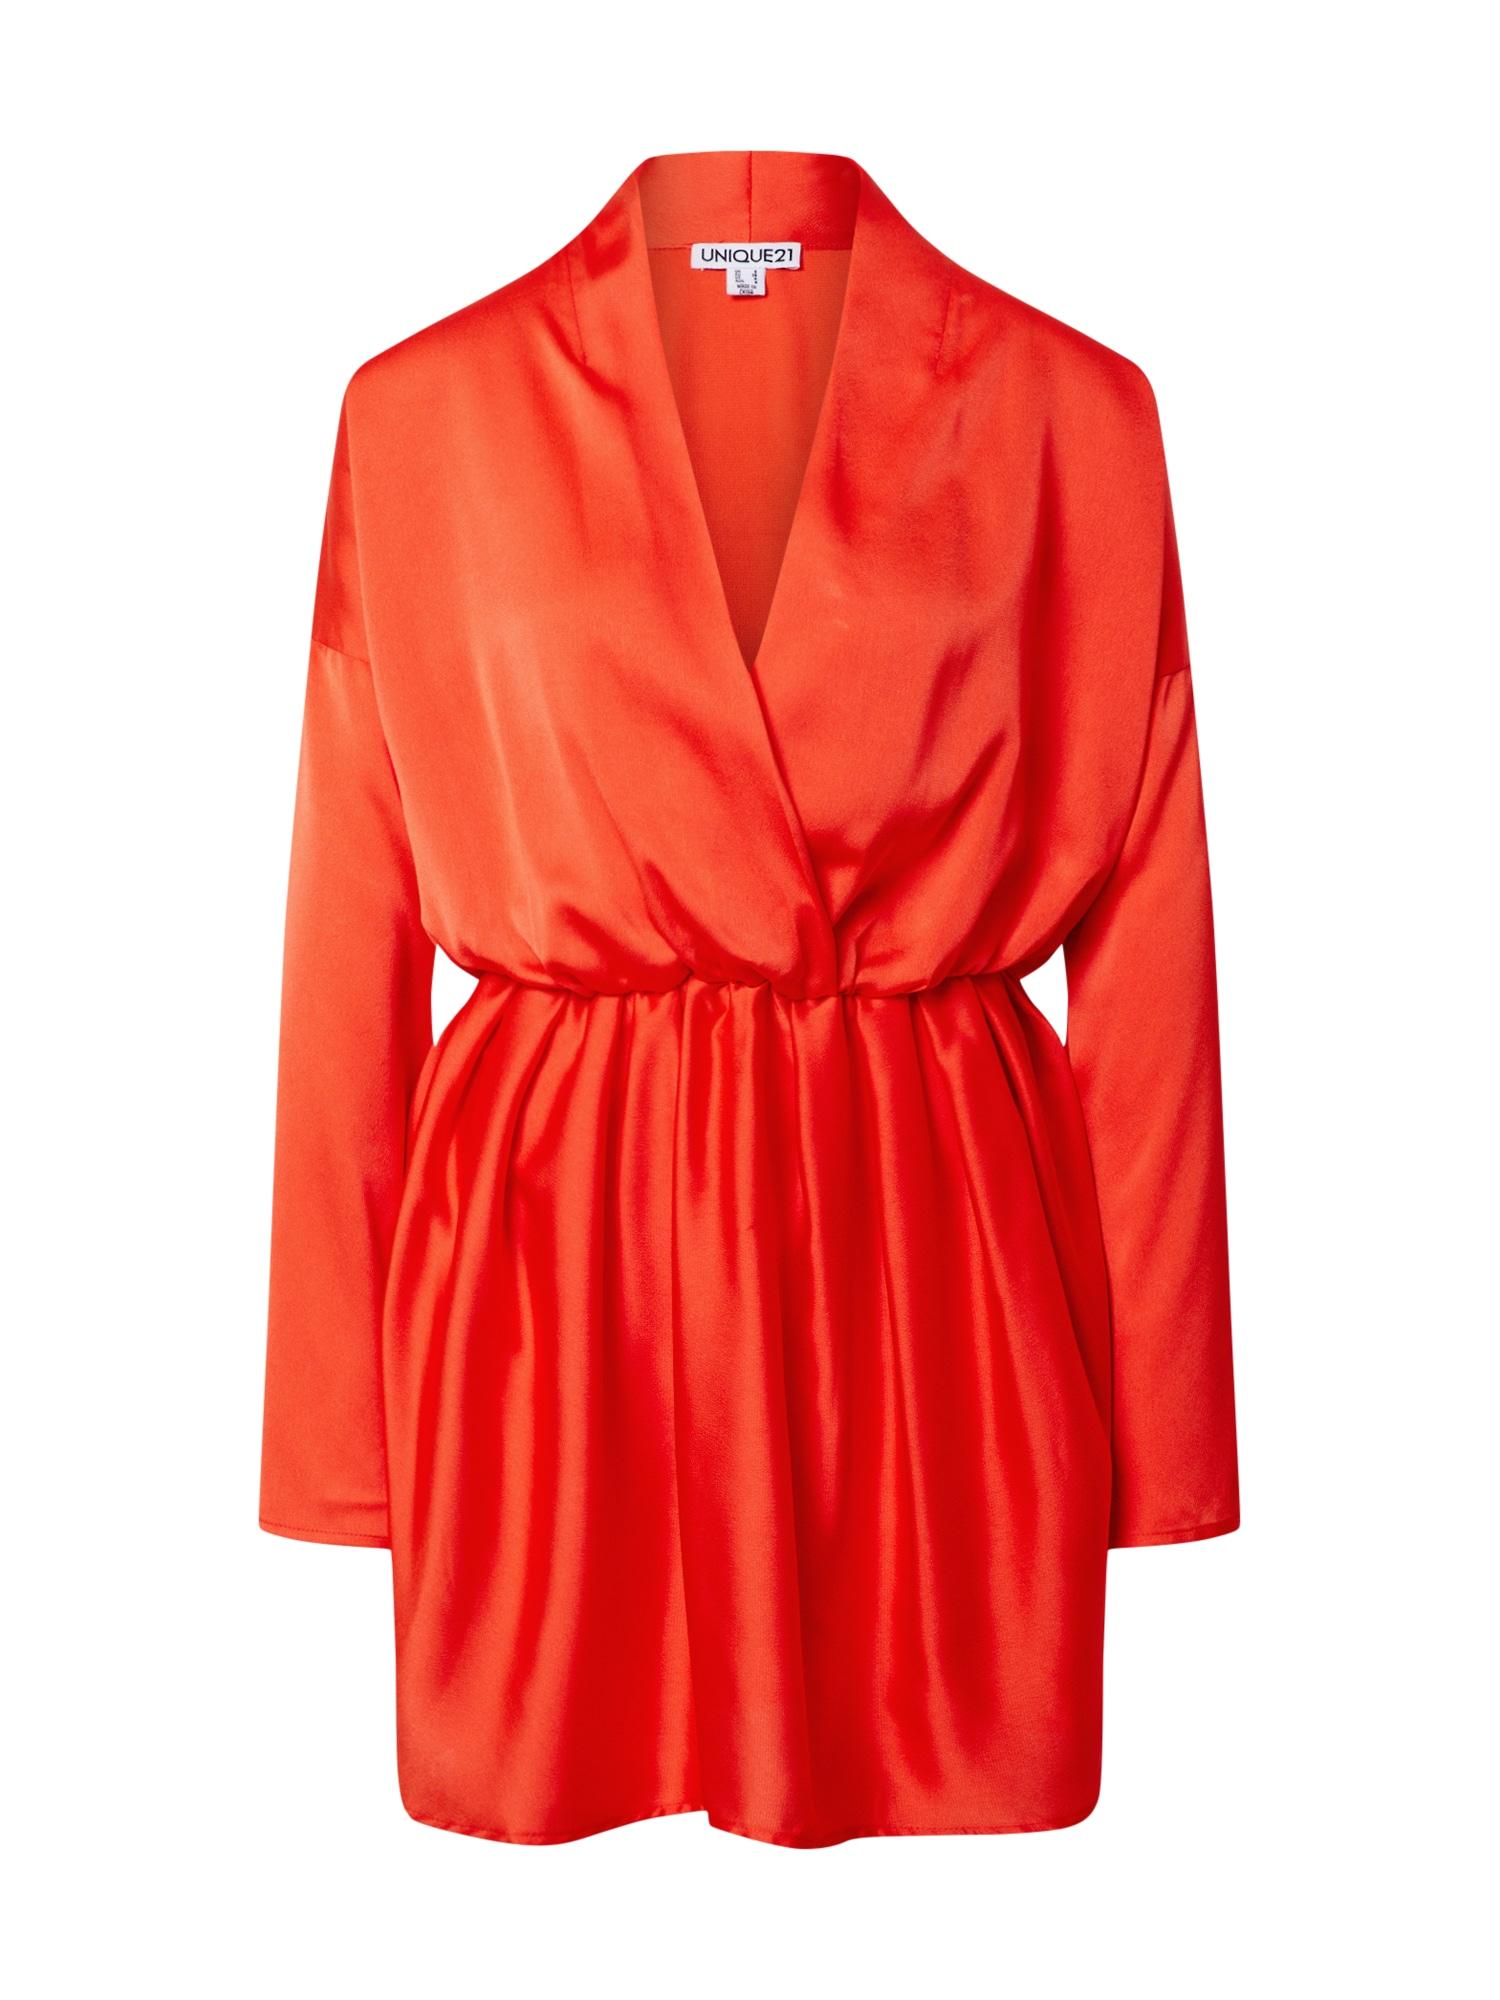 Unique21 Suknelė oranžinė-raudona